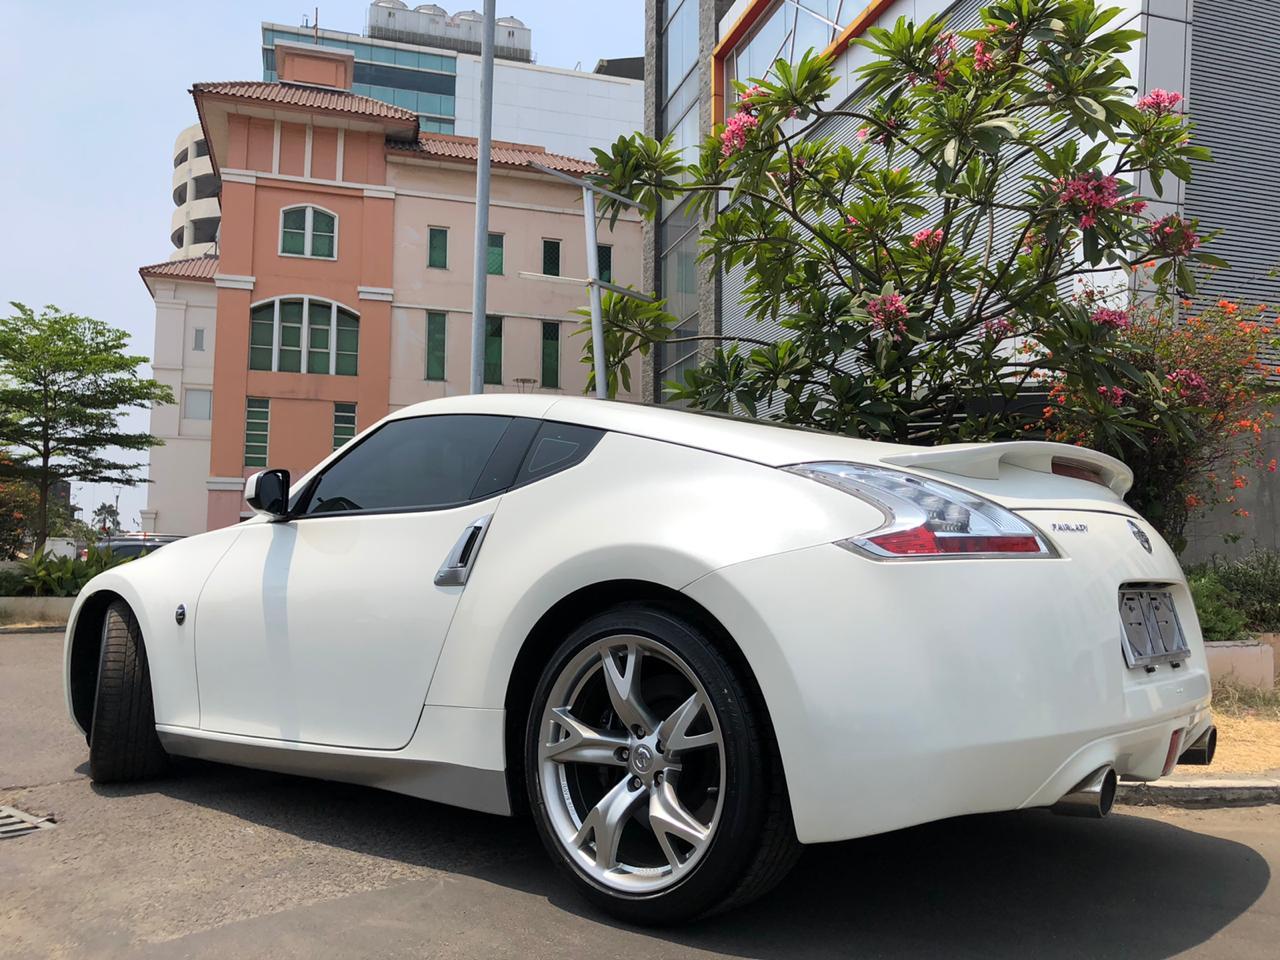 Nissan Fairlady - Pilihan Expert Seva Mobil Bekas